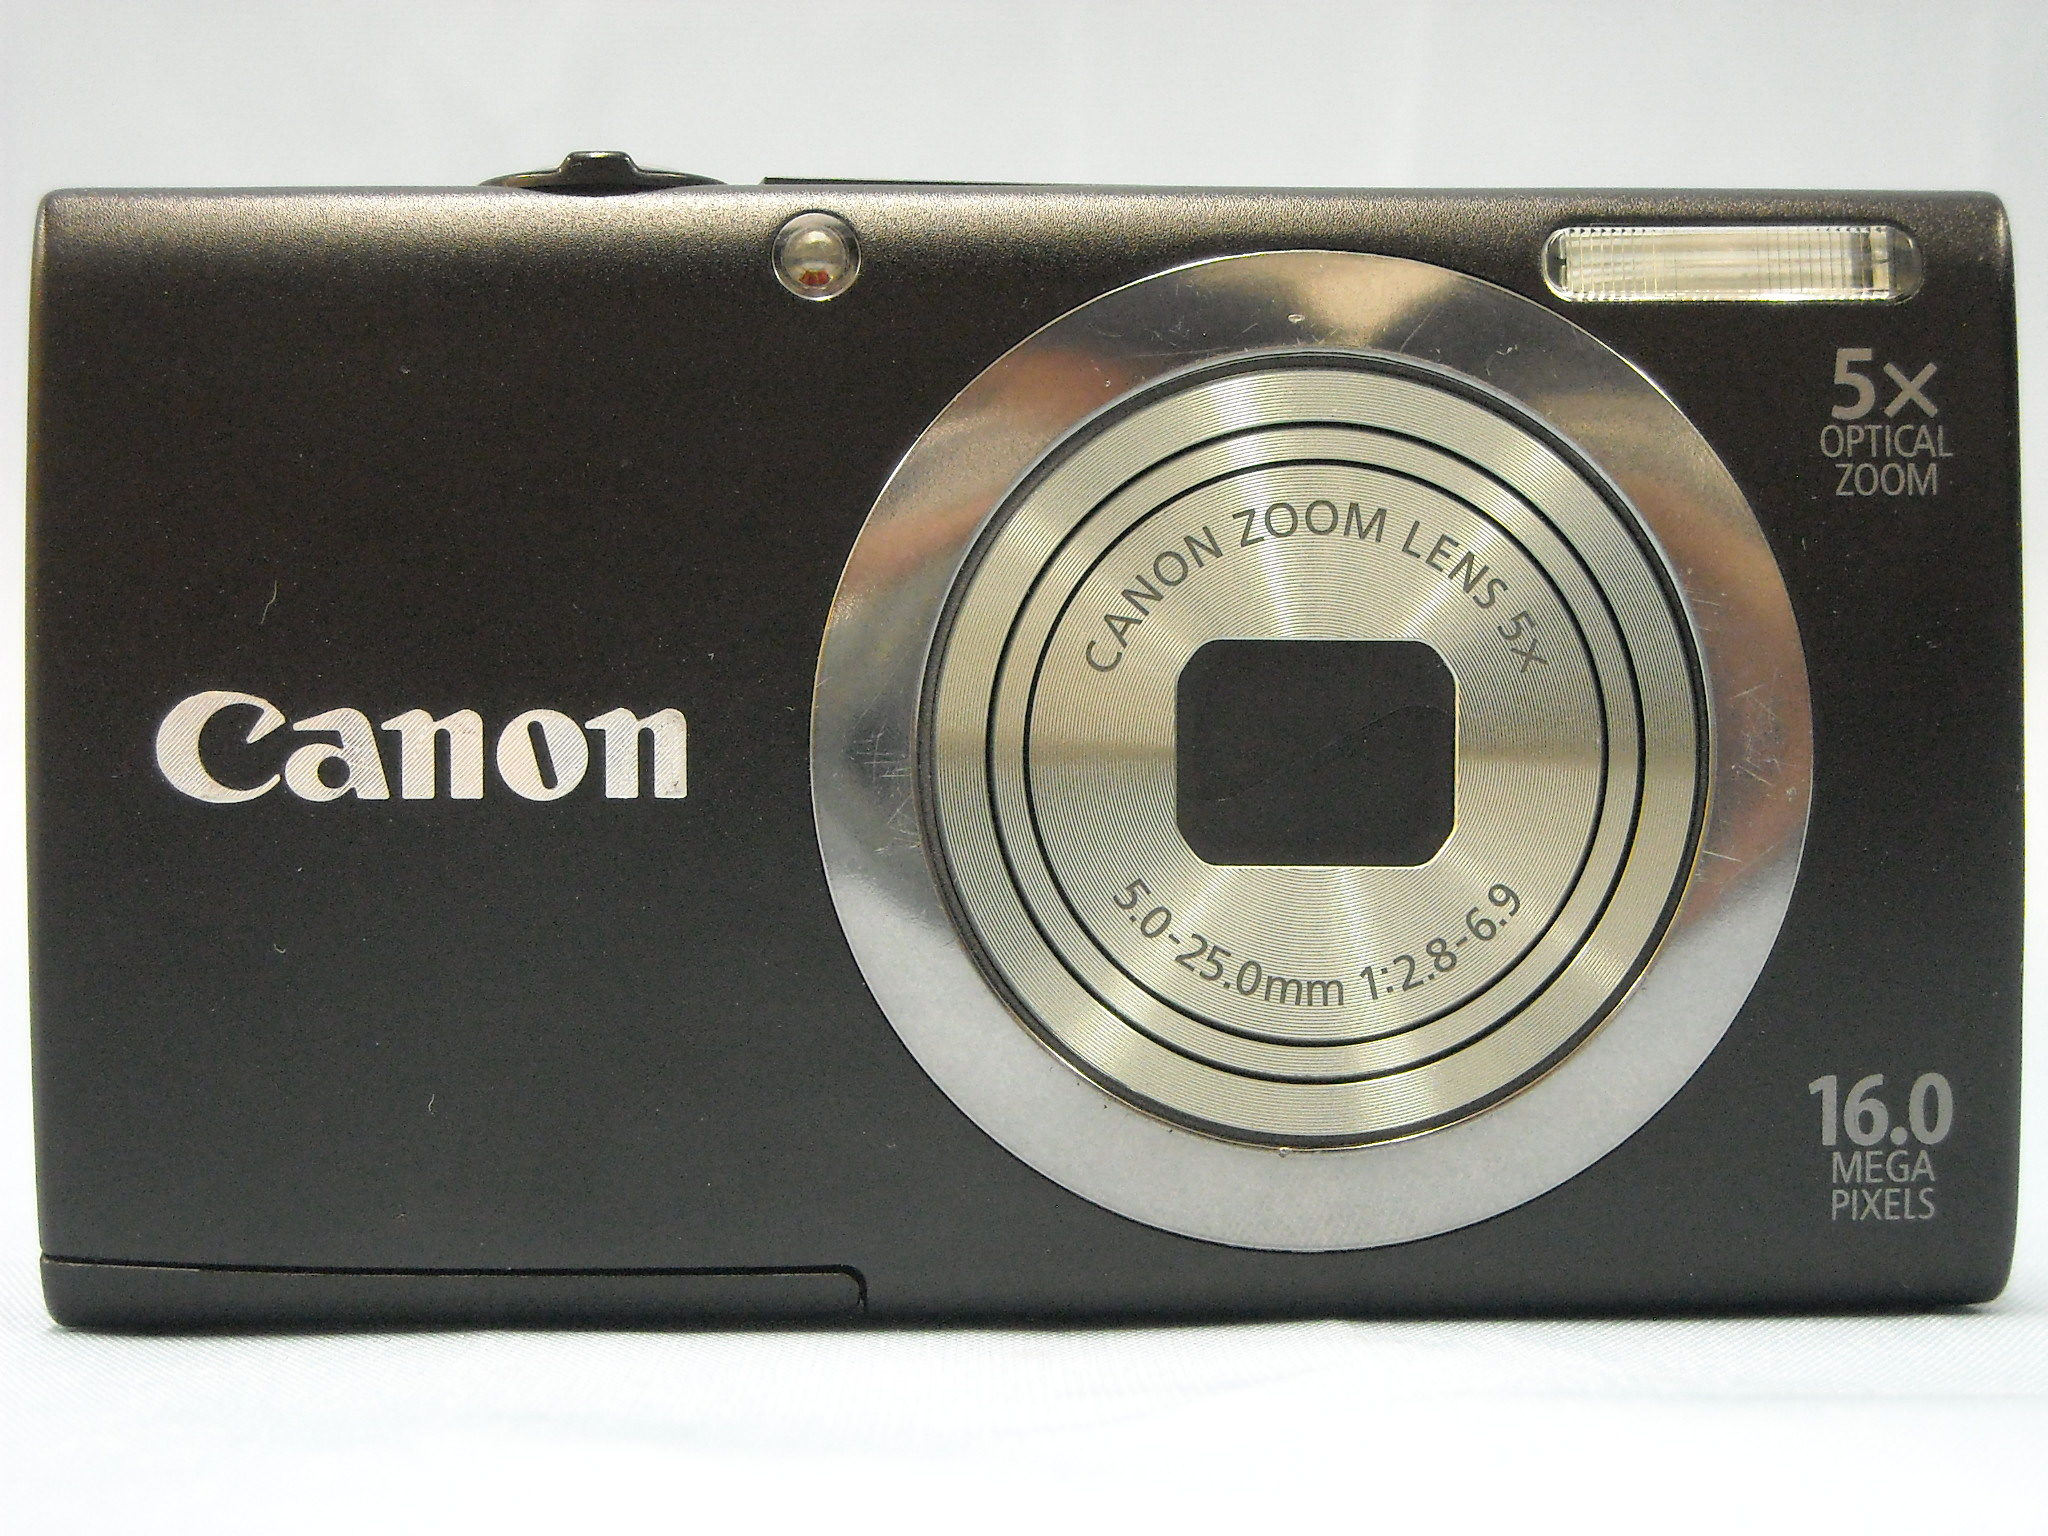 Canonデジカメ買取 名古屋の出張買取ならハードオフ西尾